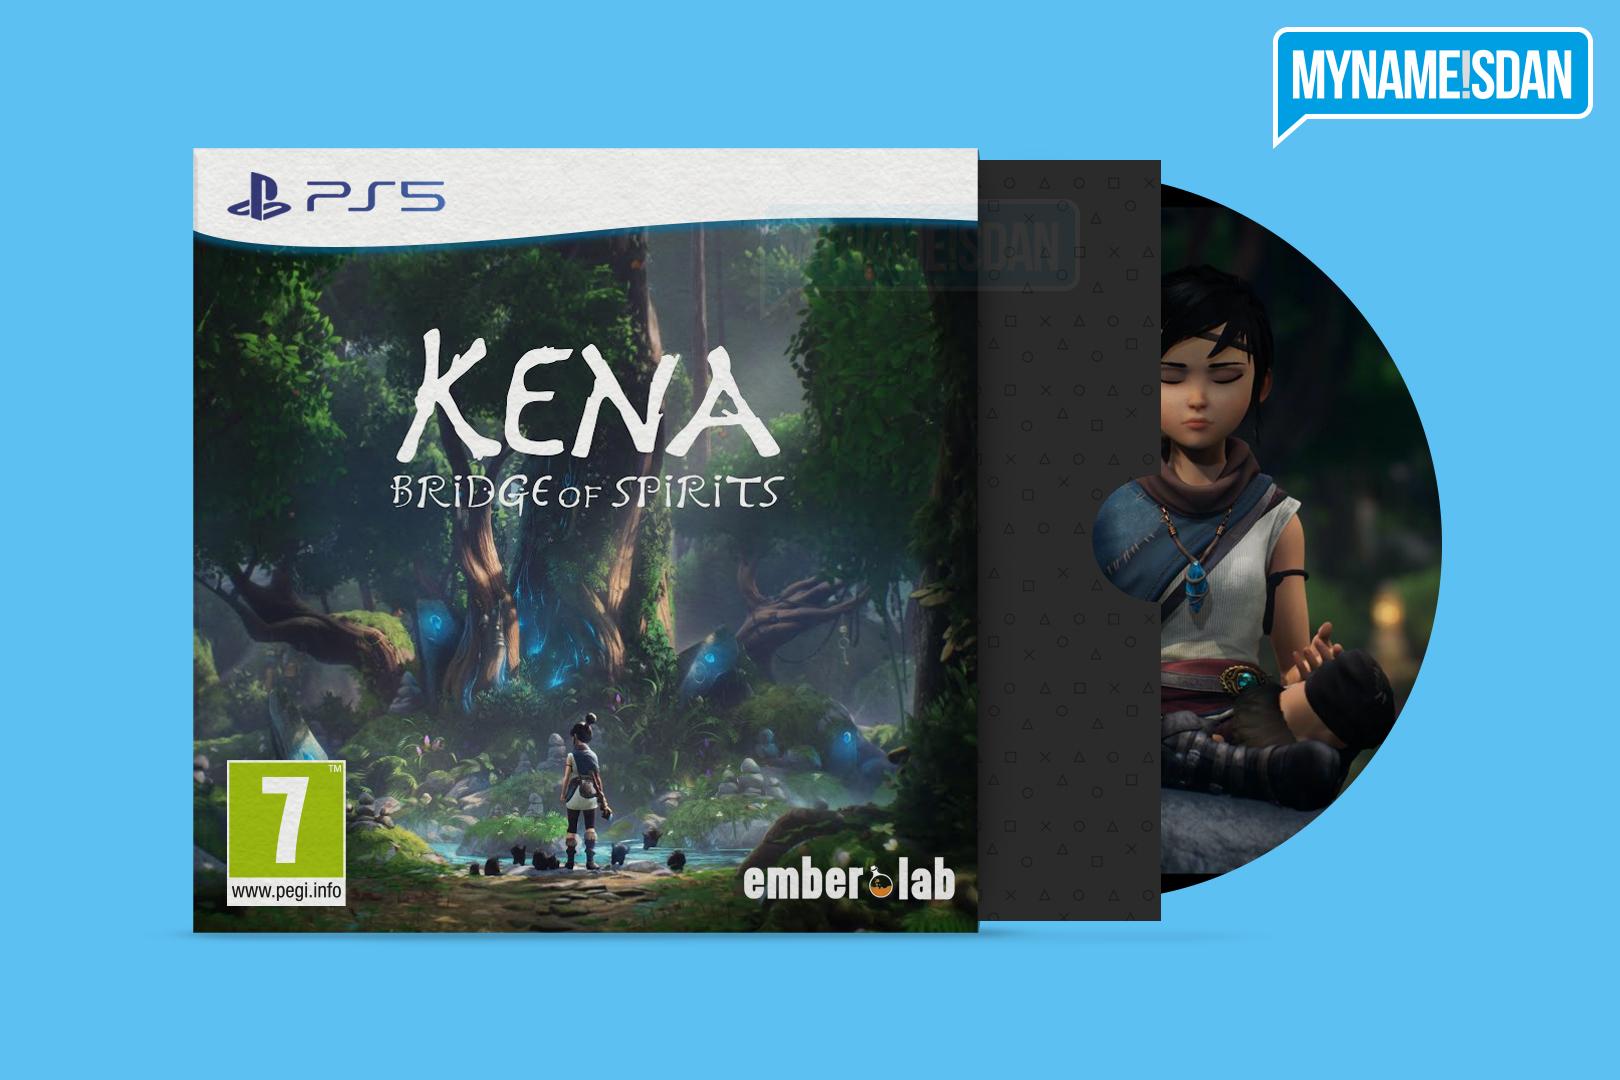 PS5 Cardboard Game Case Concept Design for Kena